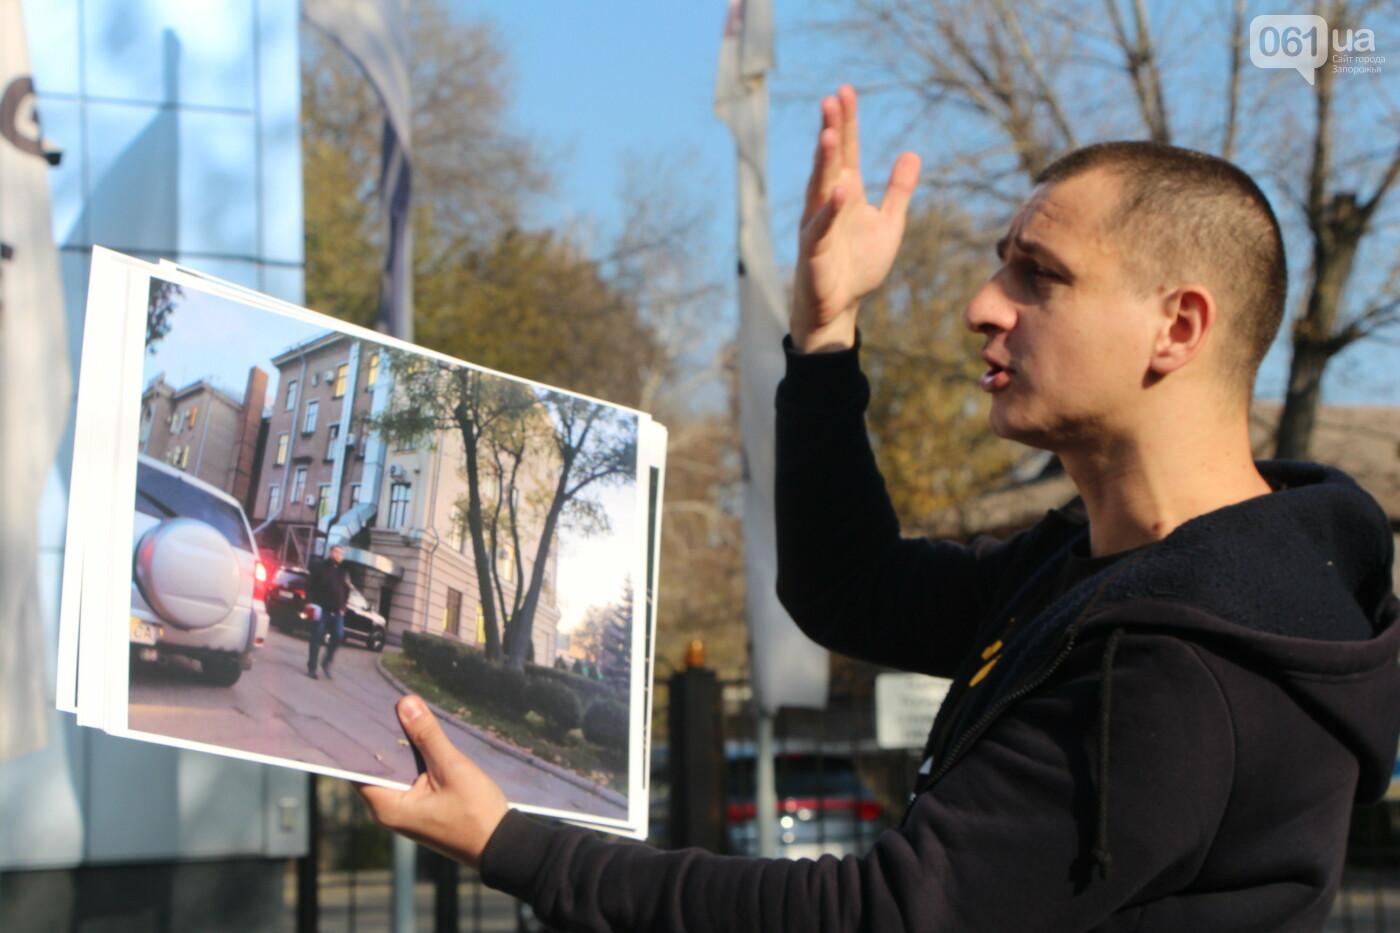 """""""Анисимов просто лох"""": на антикоррупционной экскурсии рассказали, кто приезжает в новый """"золотой офис"""", - ФОТОРЕПОРТАЖ, фото-23"""